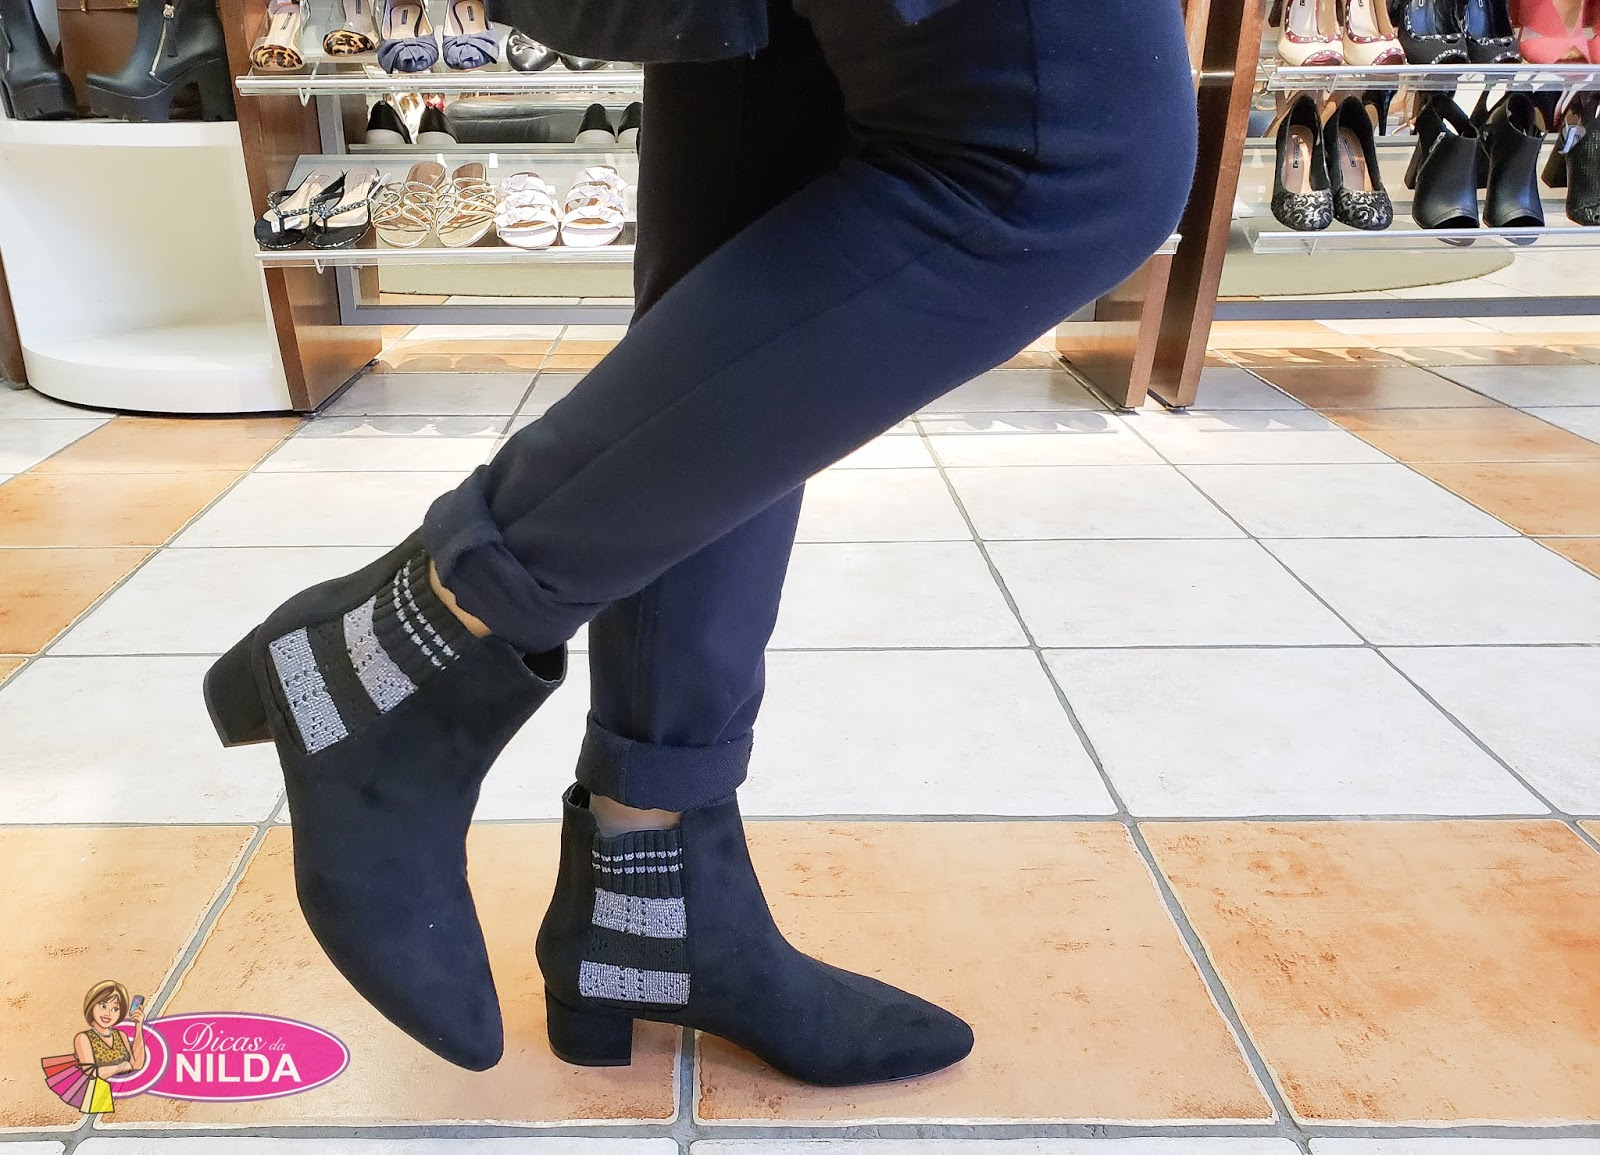 256dd8cfa Essa bota tem o mix de tecidos - couro + tecido elástico. Fácil de calçar e  muito confortável.